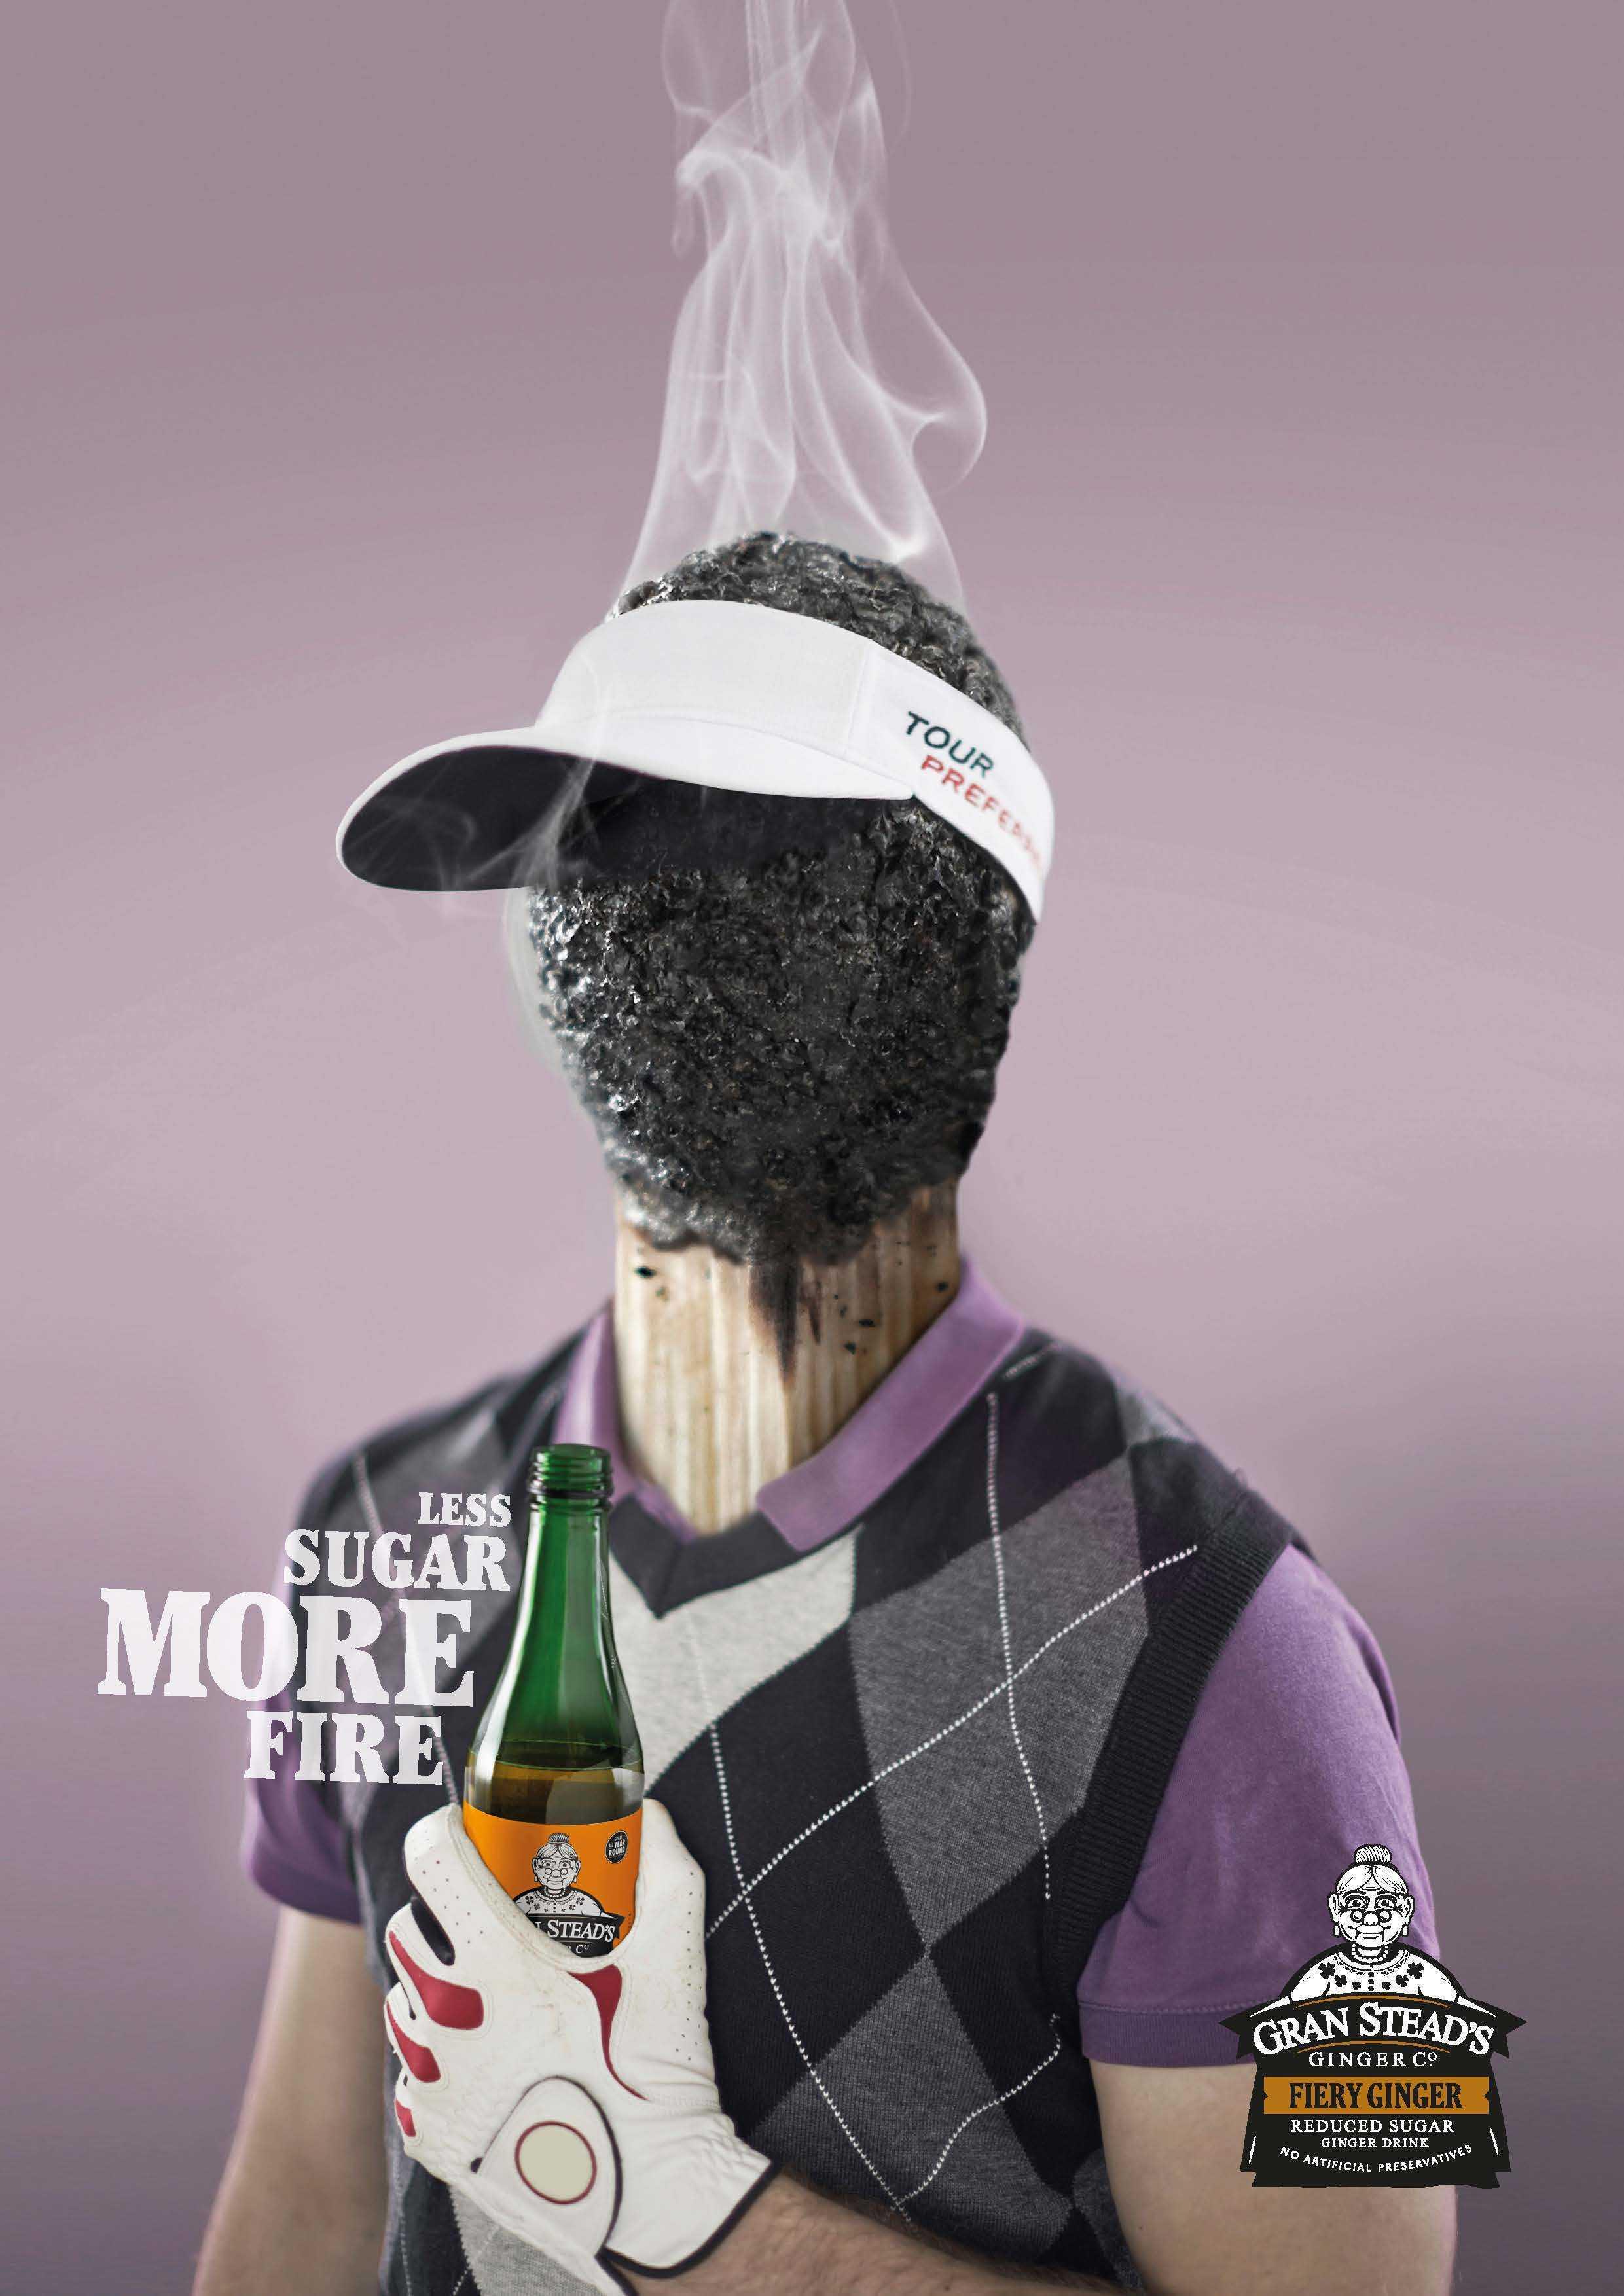 Adidas_Toyota_Volkswagen_i_migliori_annunci_stampa_della_settimana7